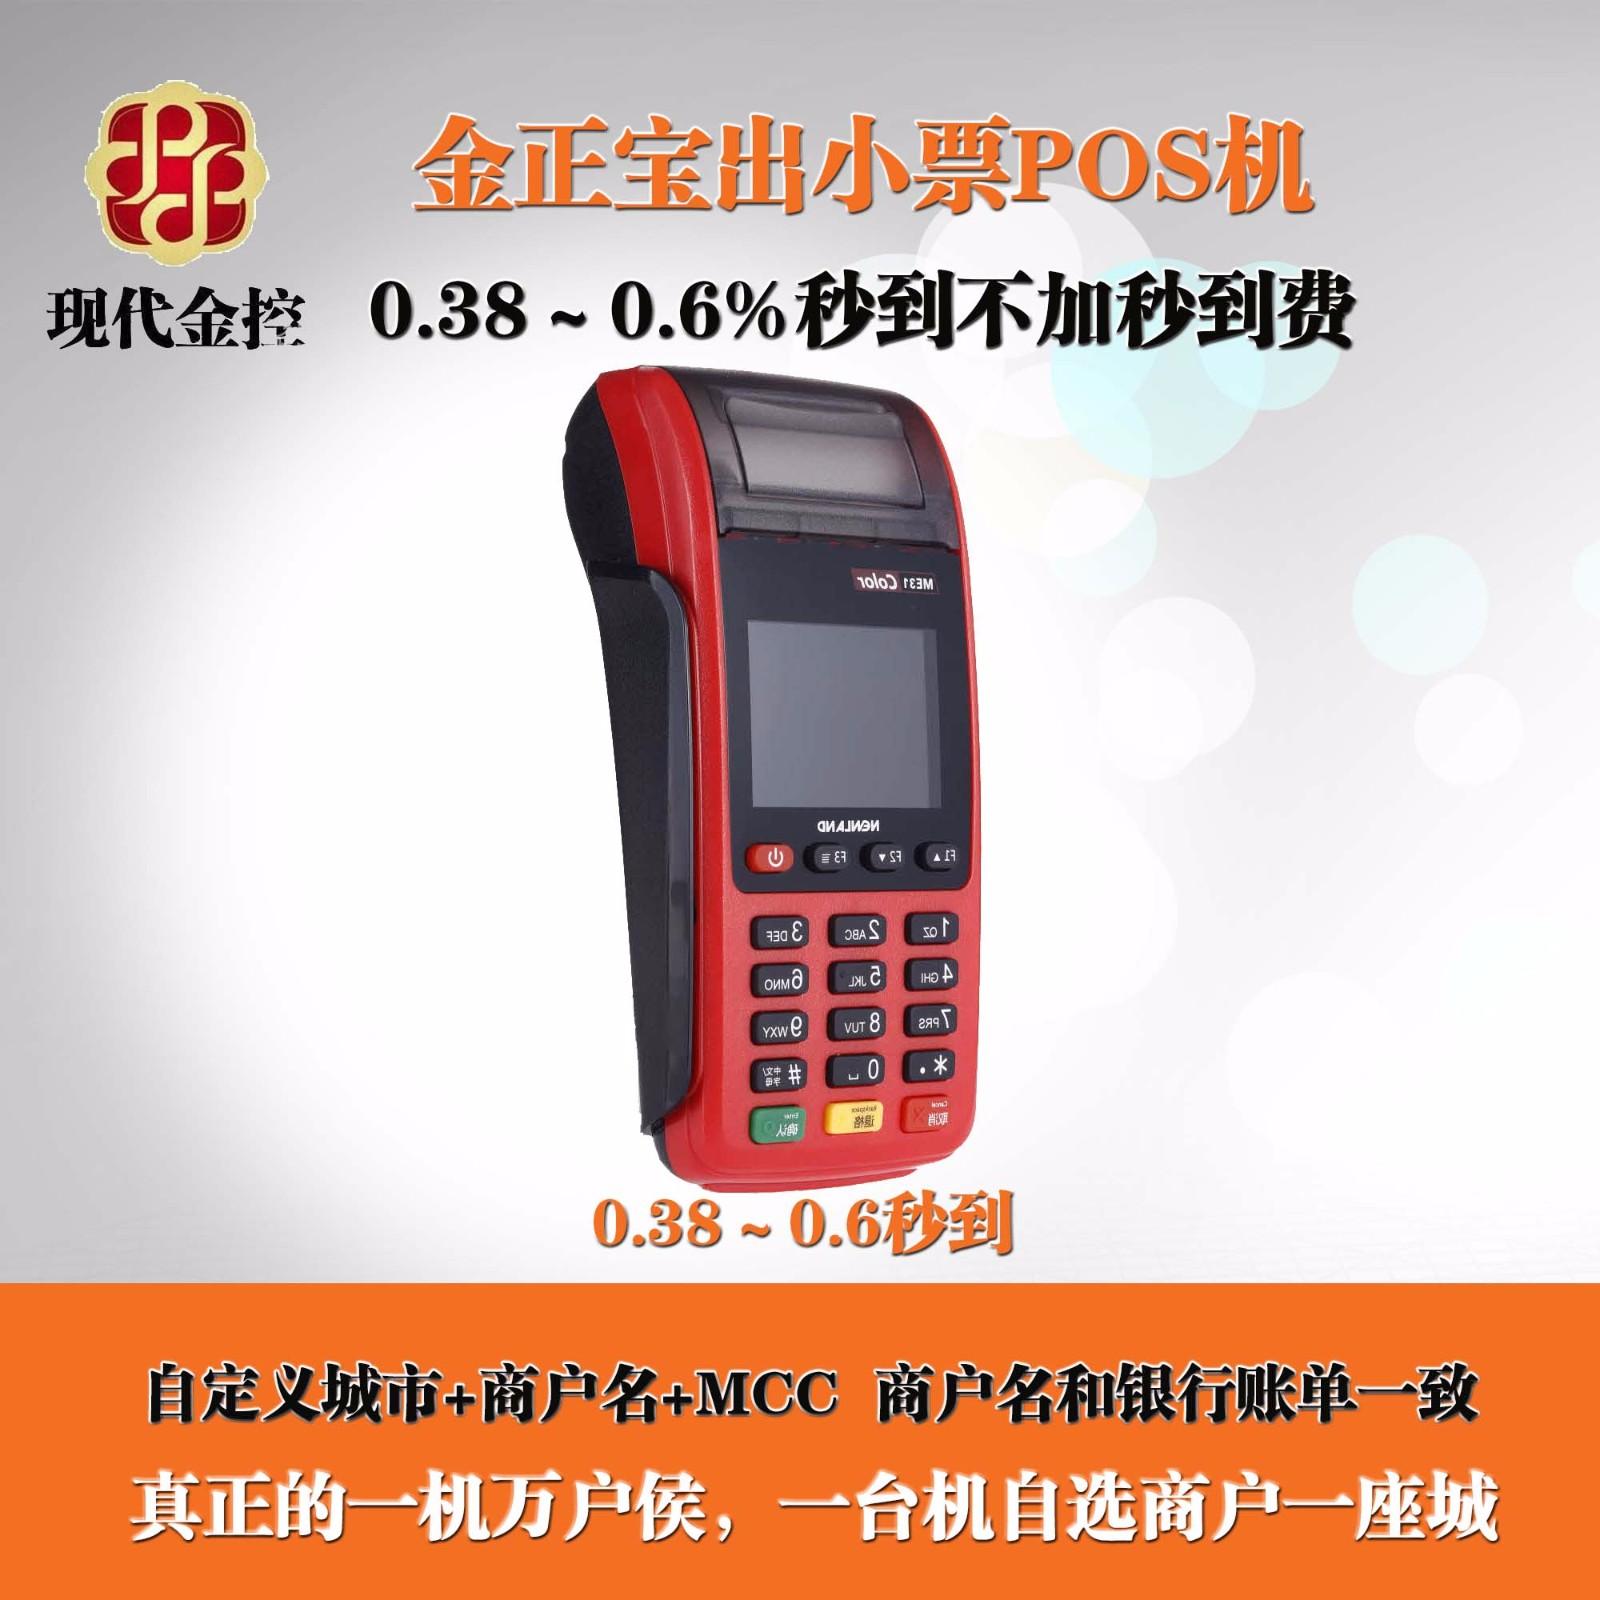 个人pos多少钱 个人移动pos机申请 广州星润科技有限公司